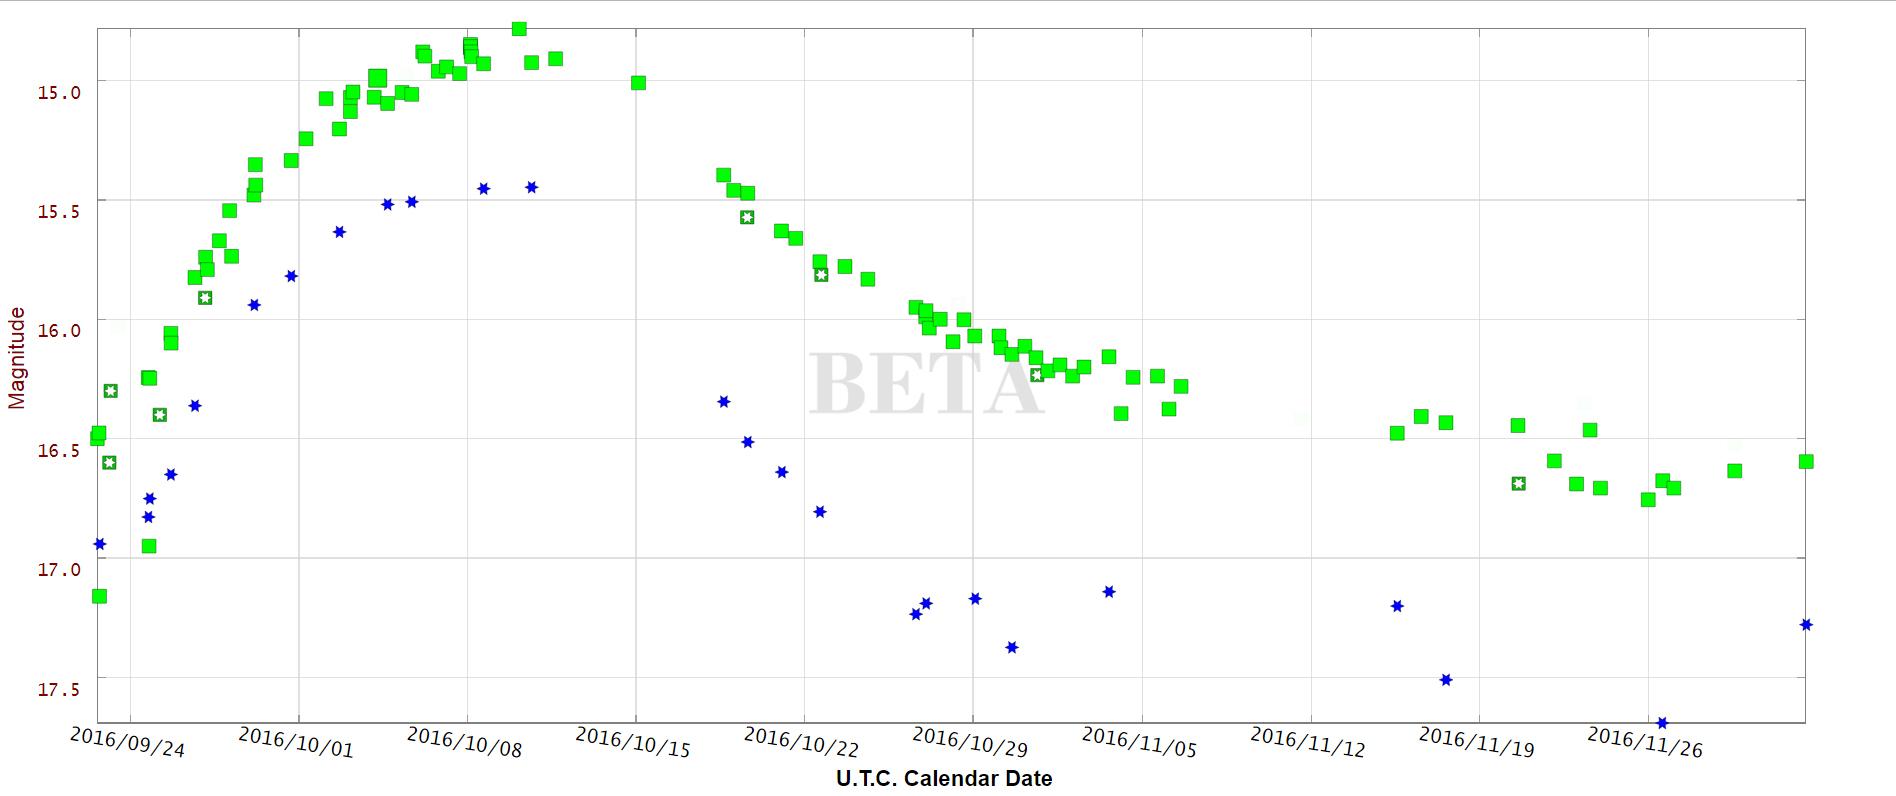 SN1016gkg-AAVSO-Calendar_Date-crd